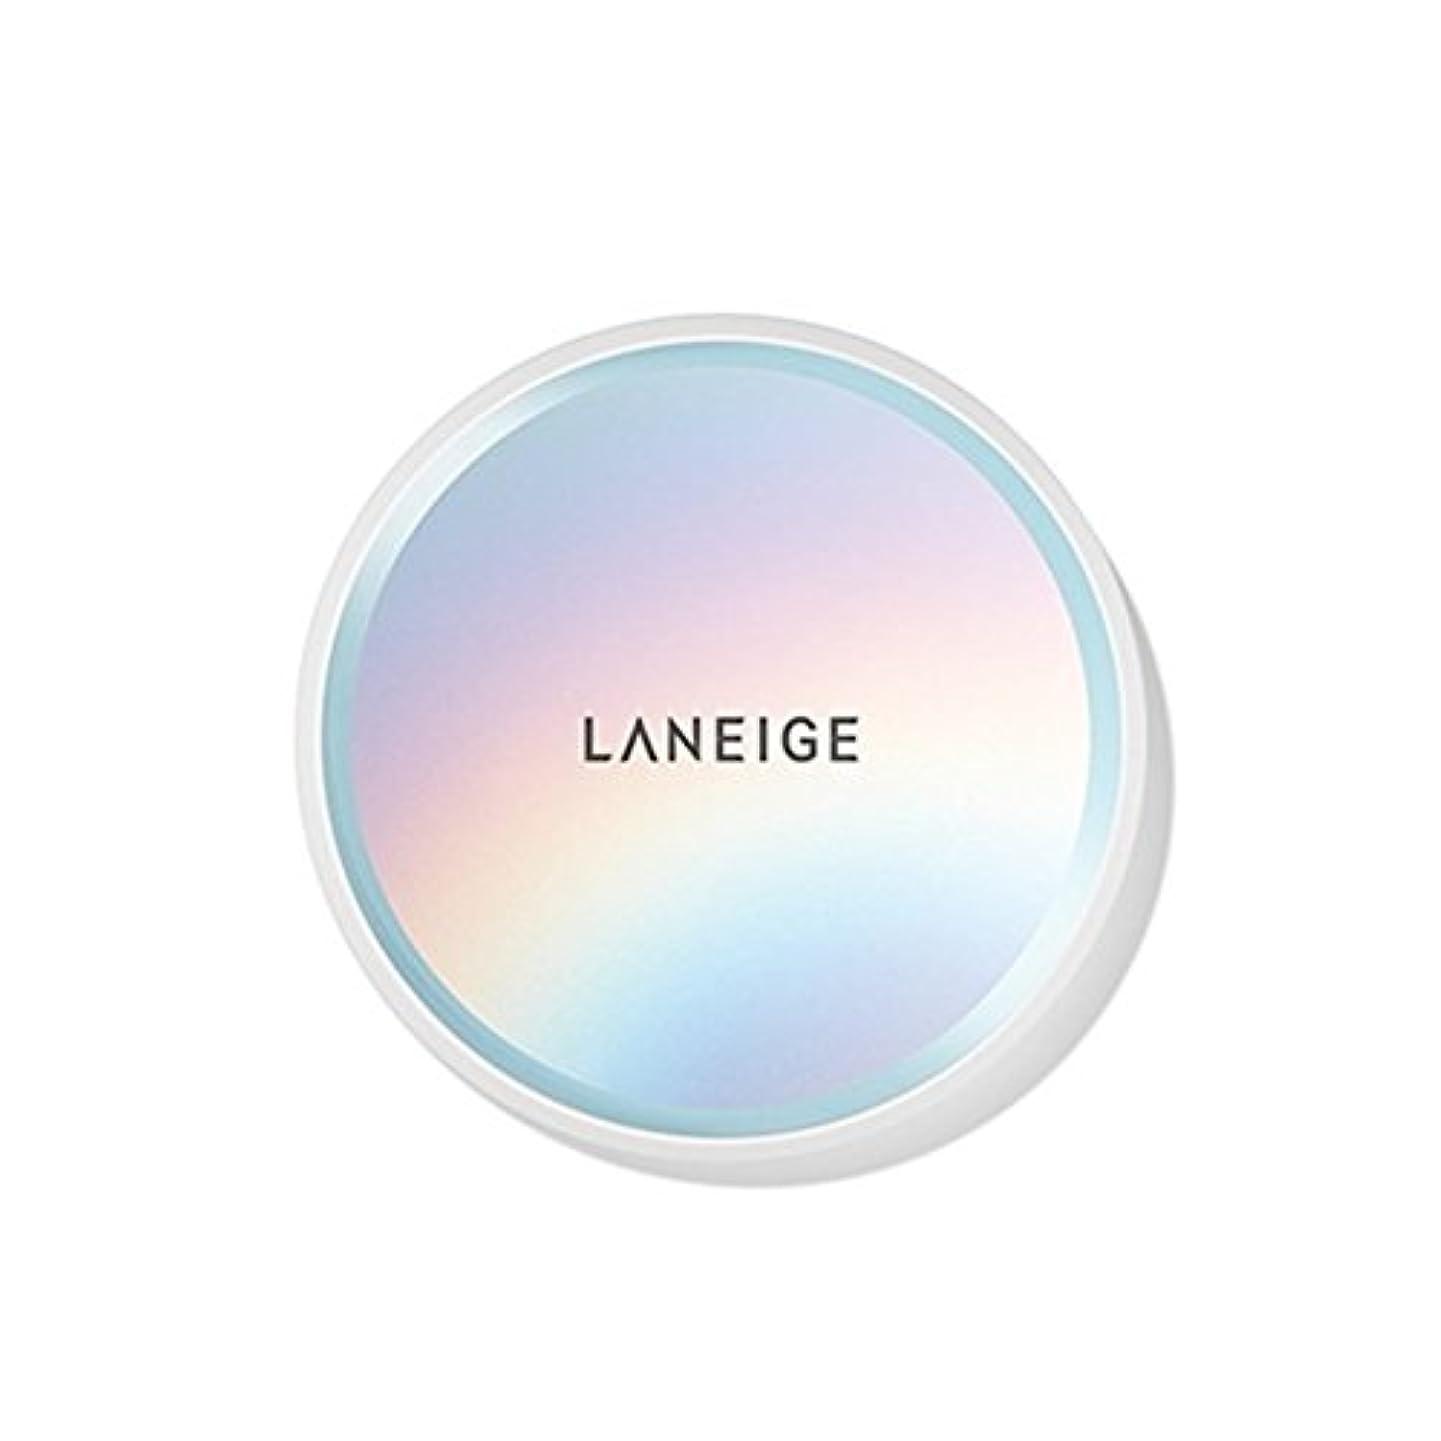 海岸サイトりんご【ラネージュ】 LANEIGE BB Cushion Pore Control BBクッションポアコントロール 【韓国直送品】 OOPSPANDA (2.No. 13 Ivory)